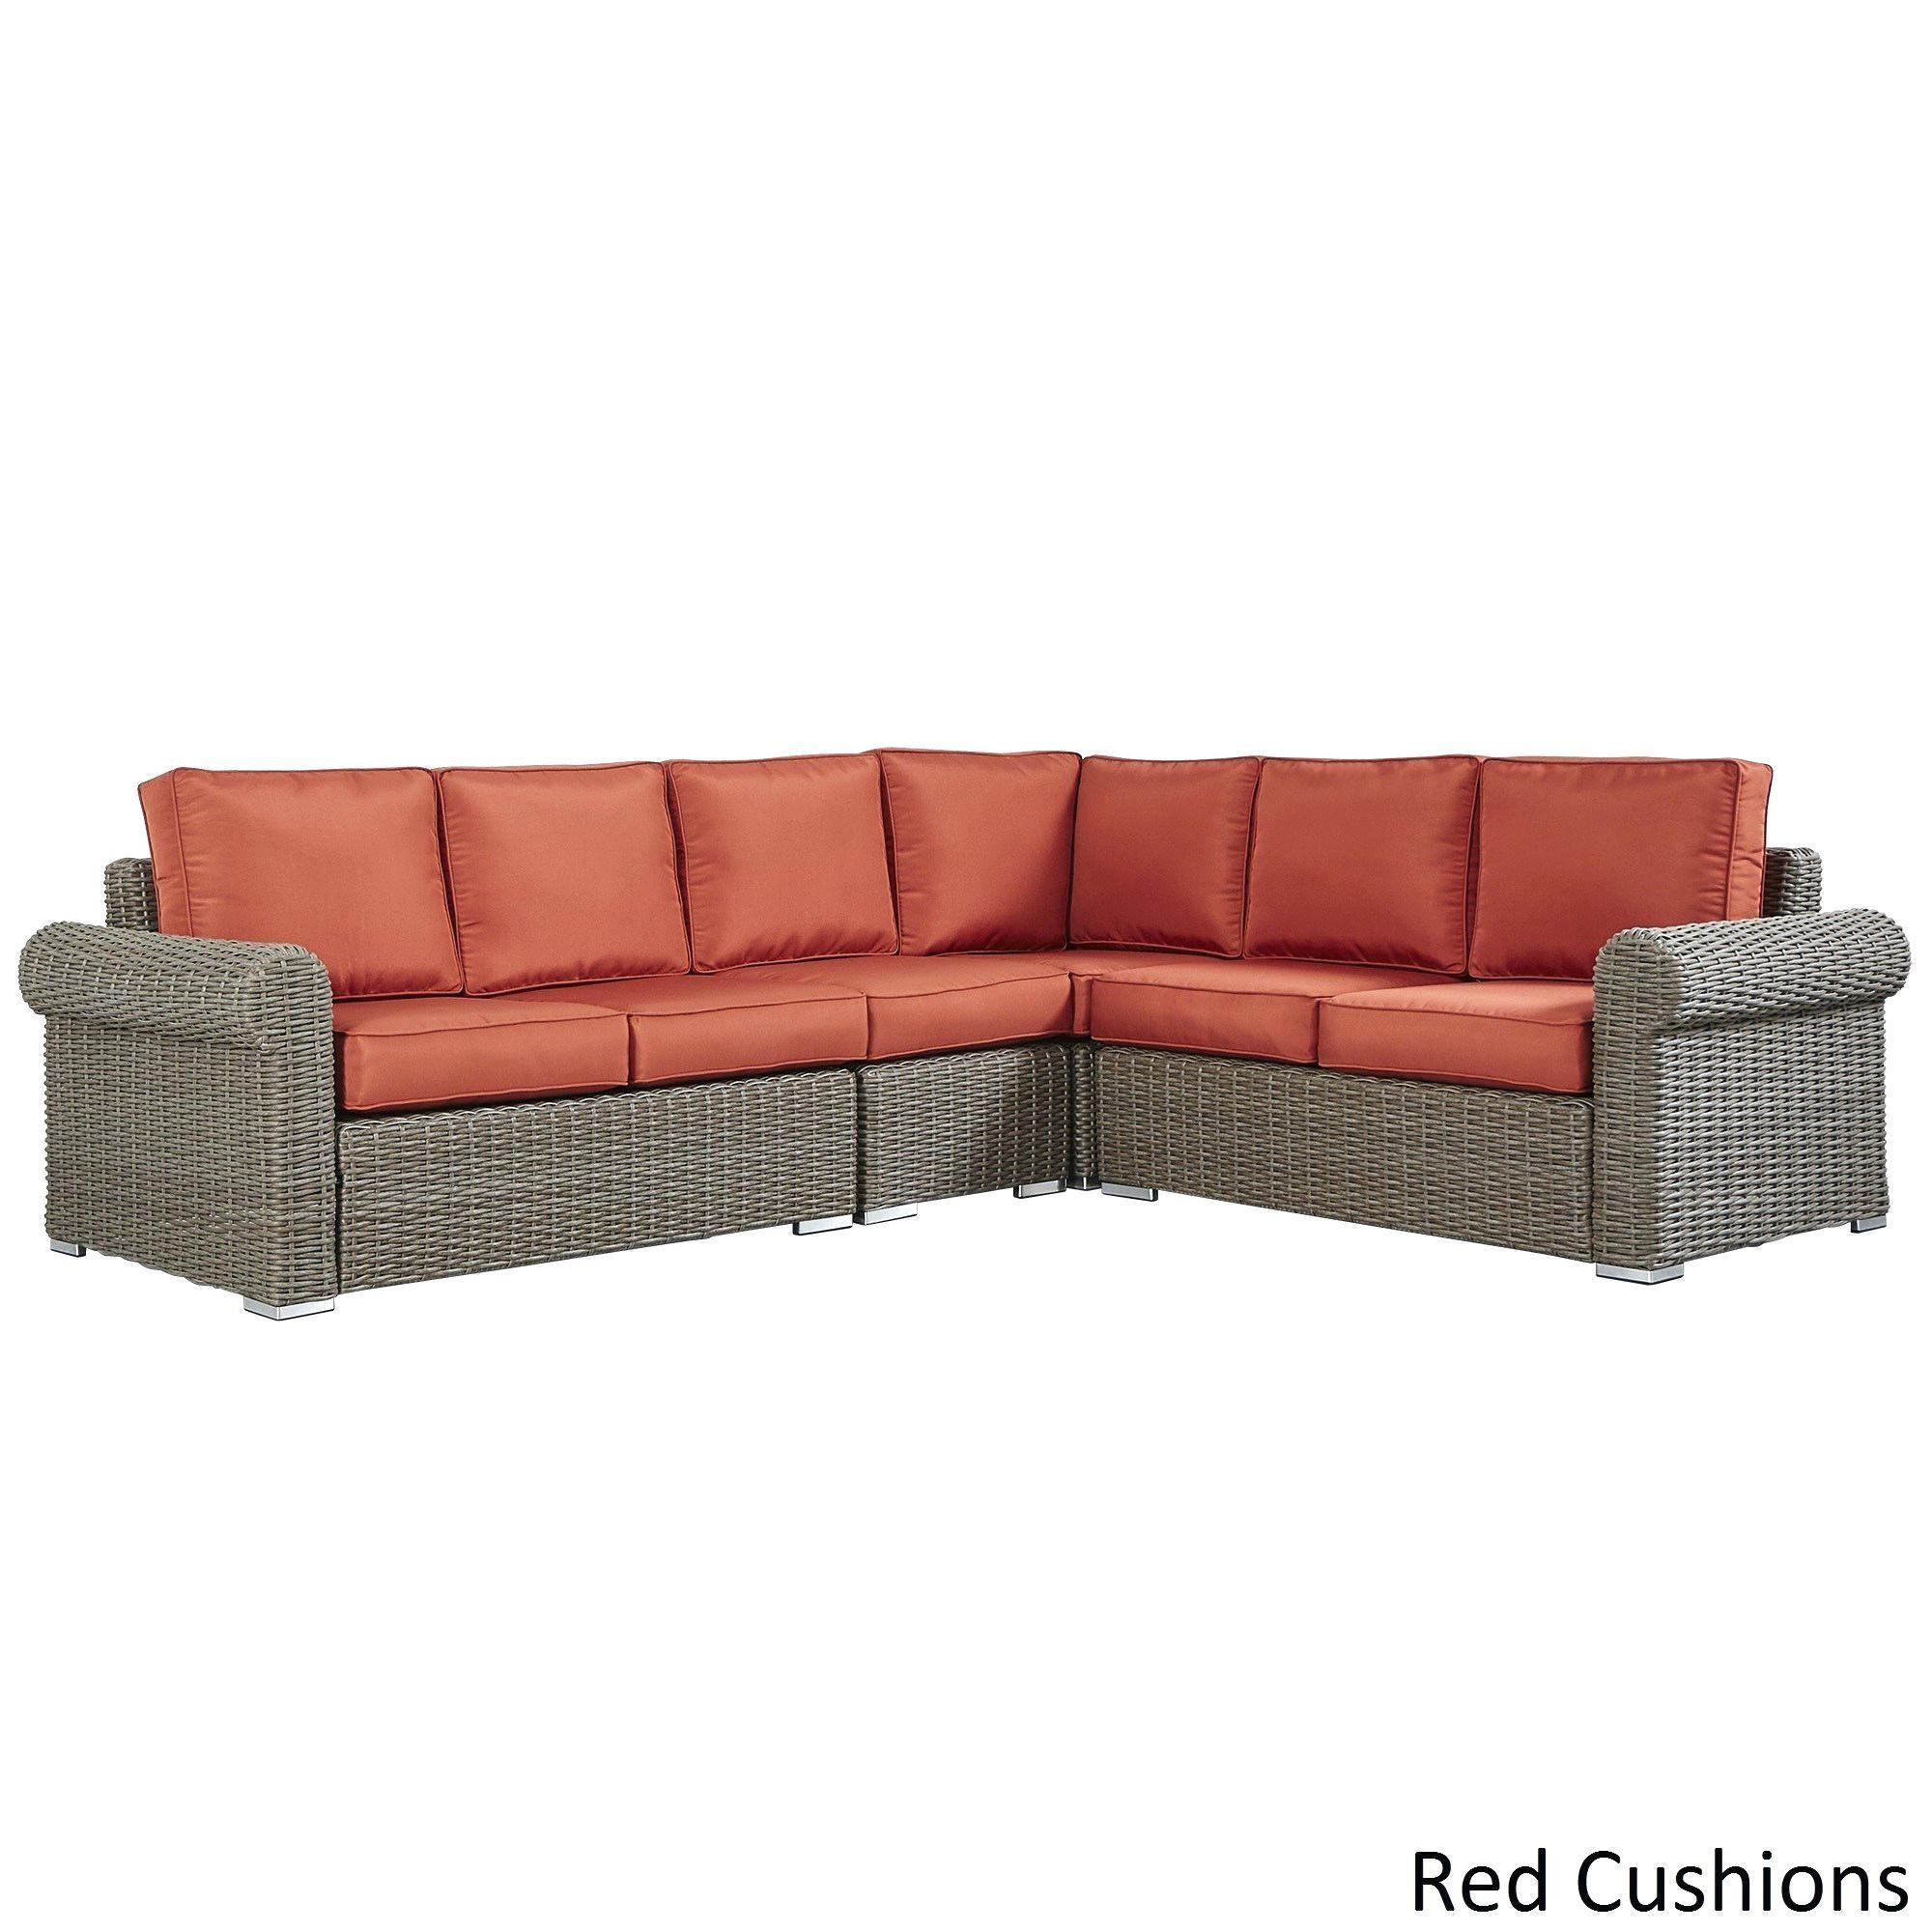 furniture donation ri unique 50 elegant furnitured modern furniture design